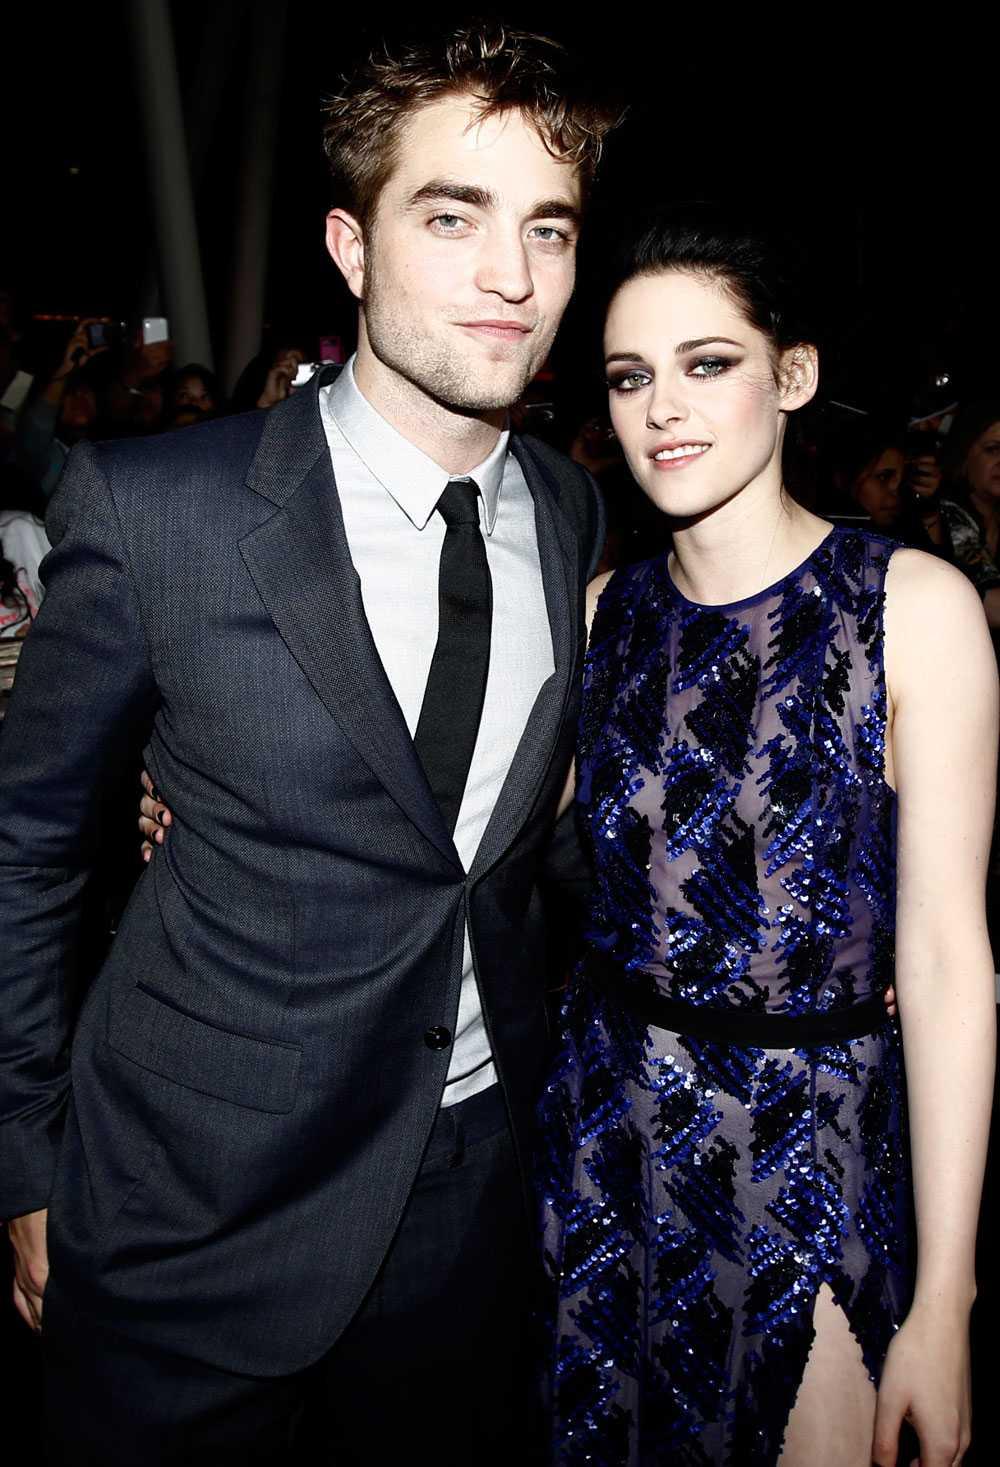 Här är det stiliga paret på premiären för den tredje filmen i vampyrserien.